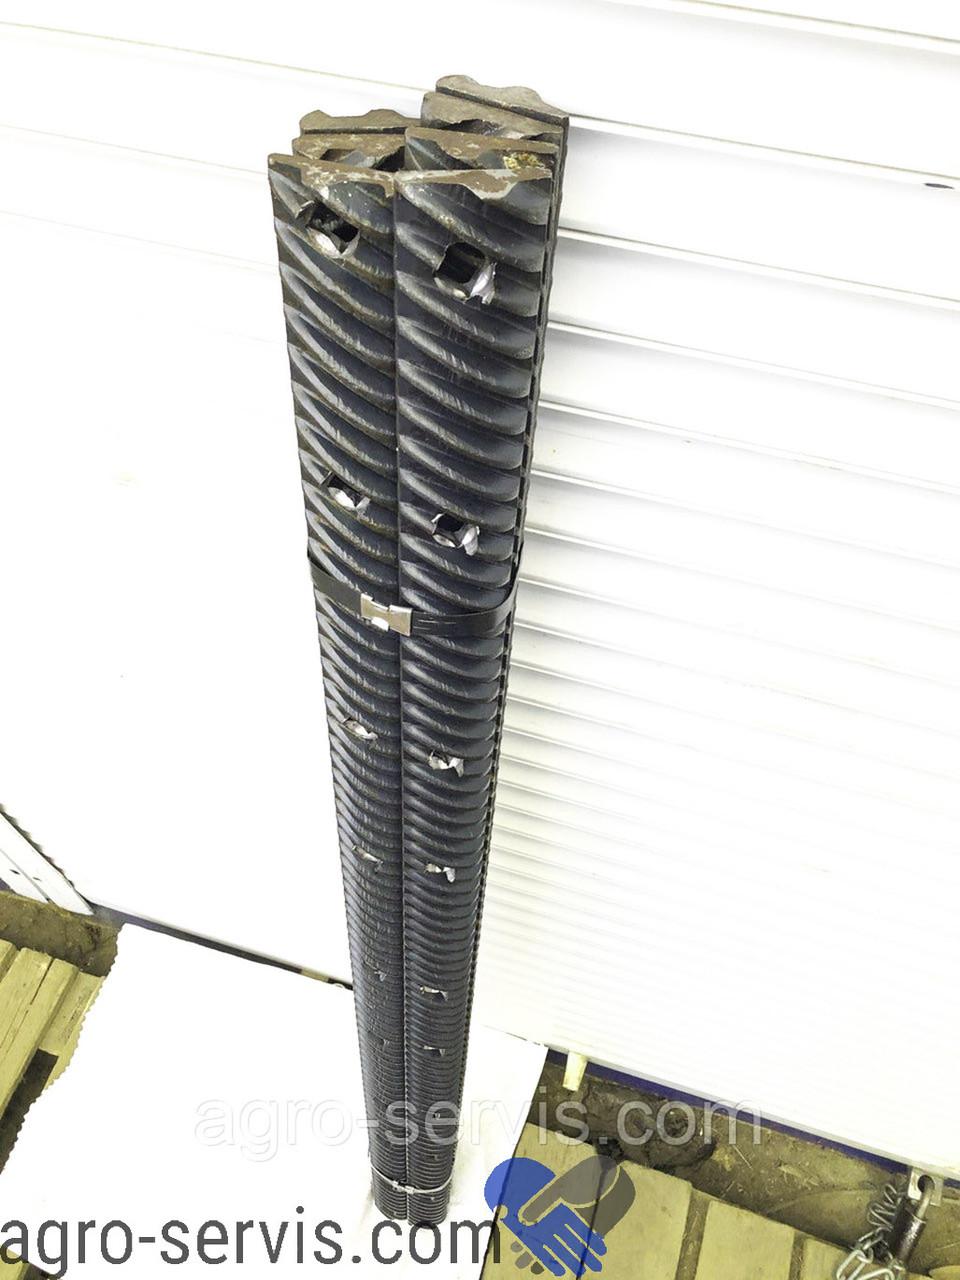 Комплект БИЧЕЙ БАРАБАНА левый и правый Нива СК-5,Енисей-1200 комплект 8 шт РОСТСЕЛЬМАШ